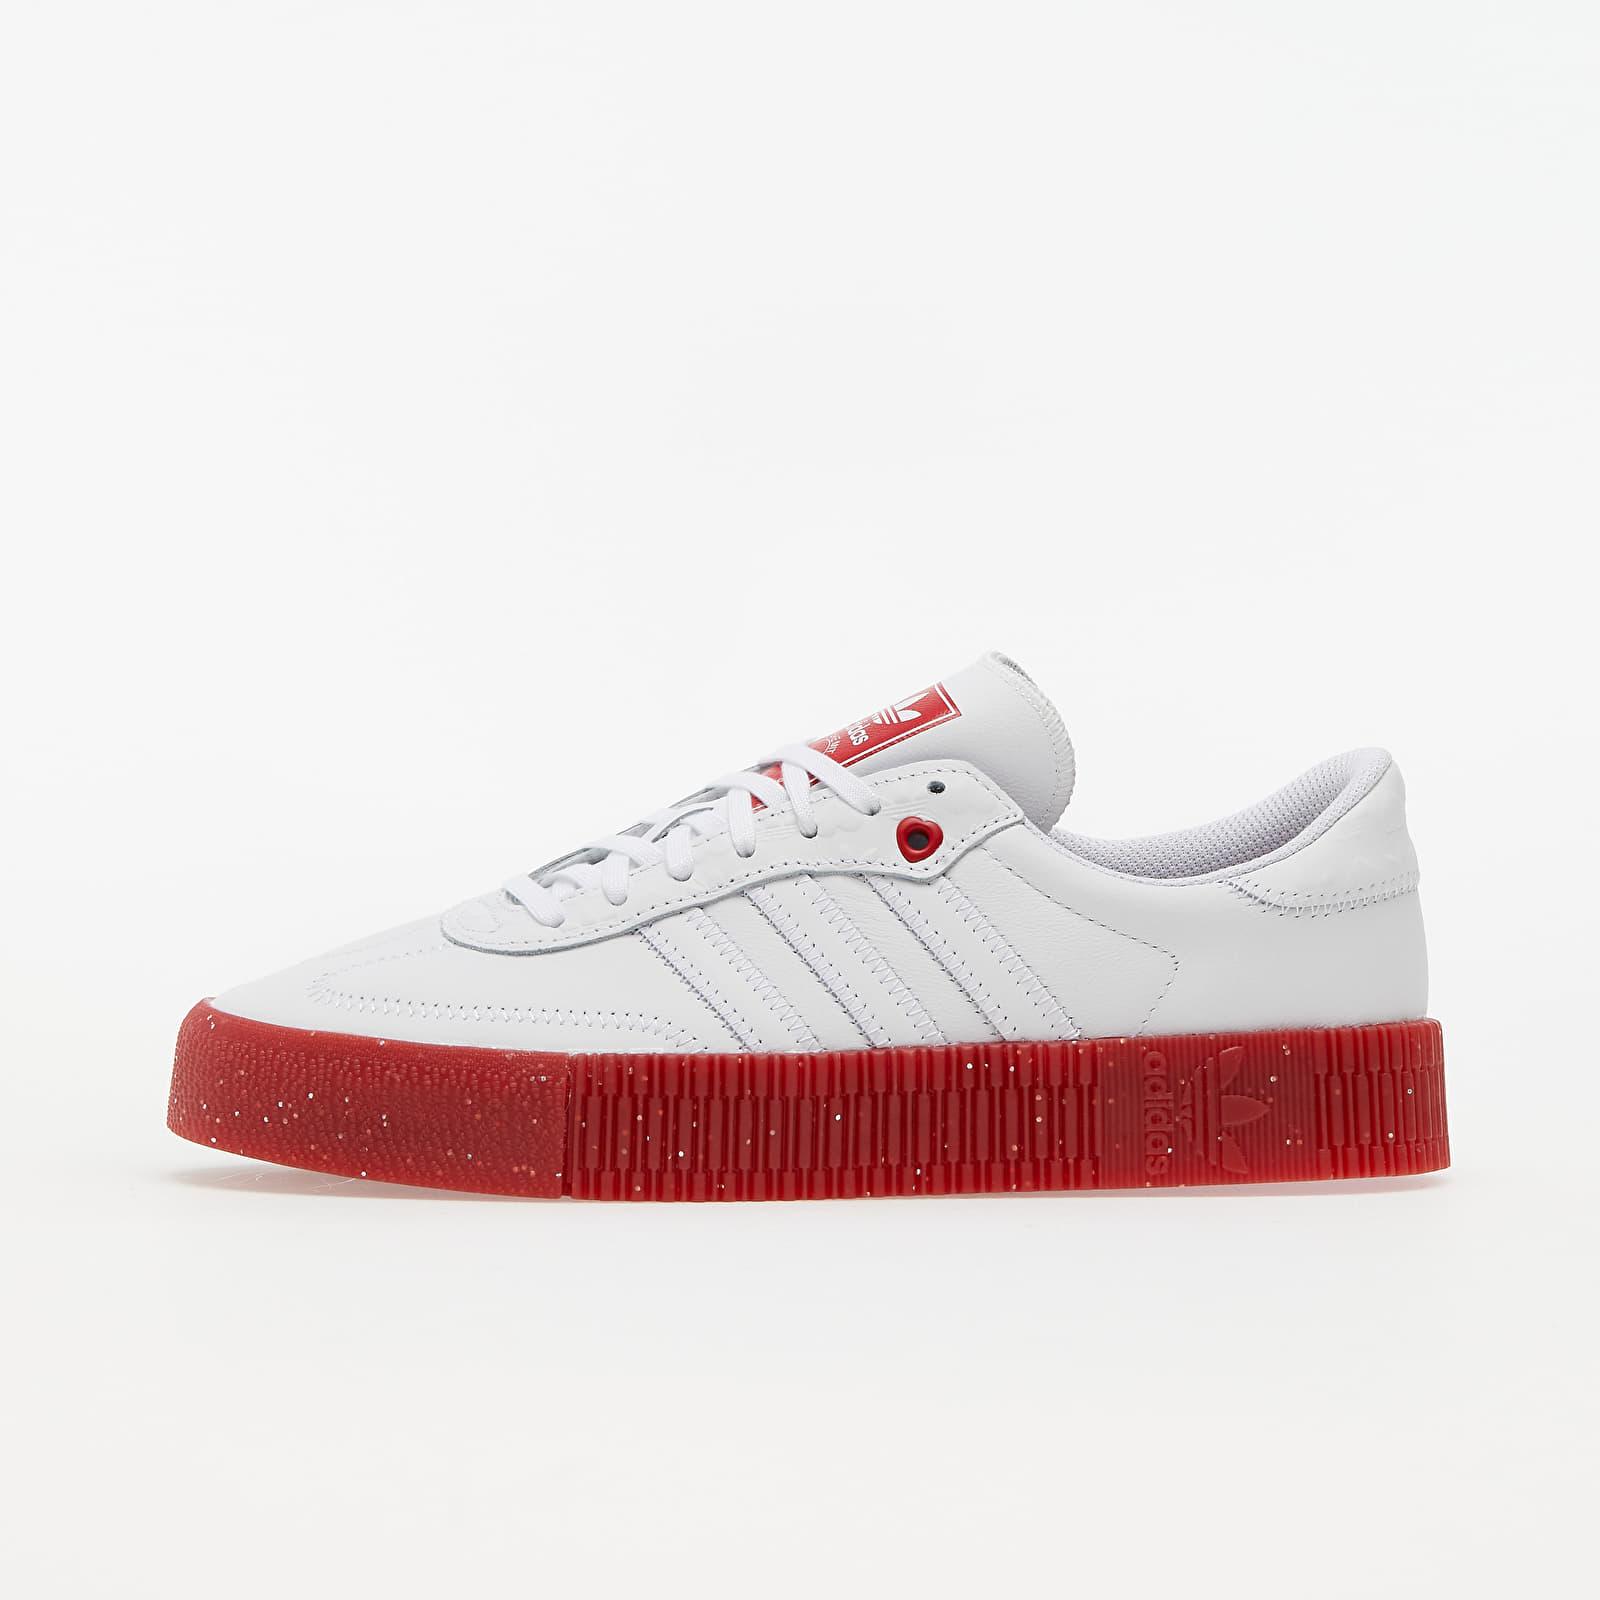 adidas Sambarose W Ftwr White/ Scarlet/ Core Black EUR 41 1/3